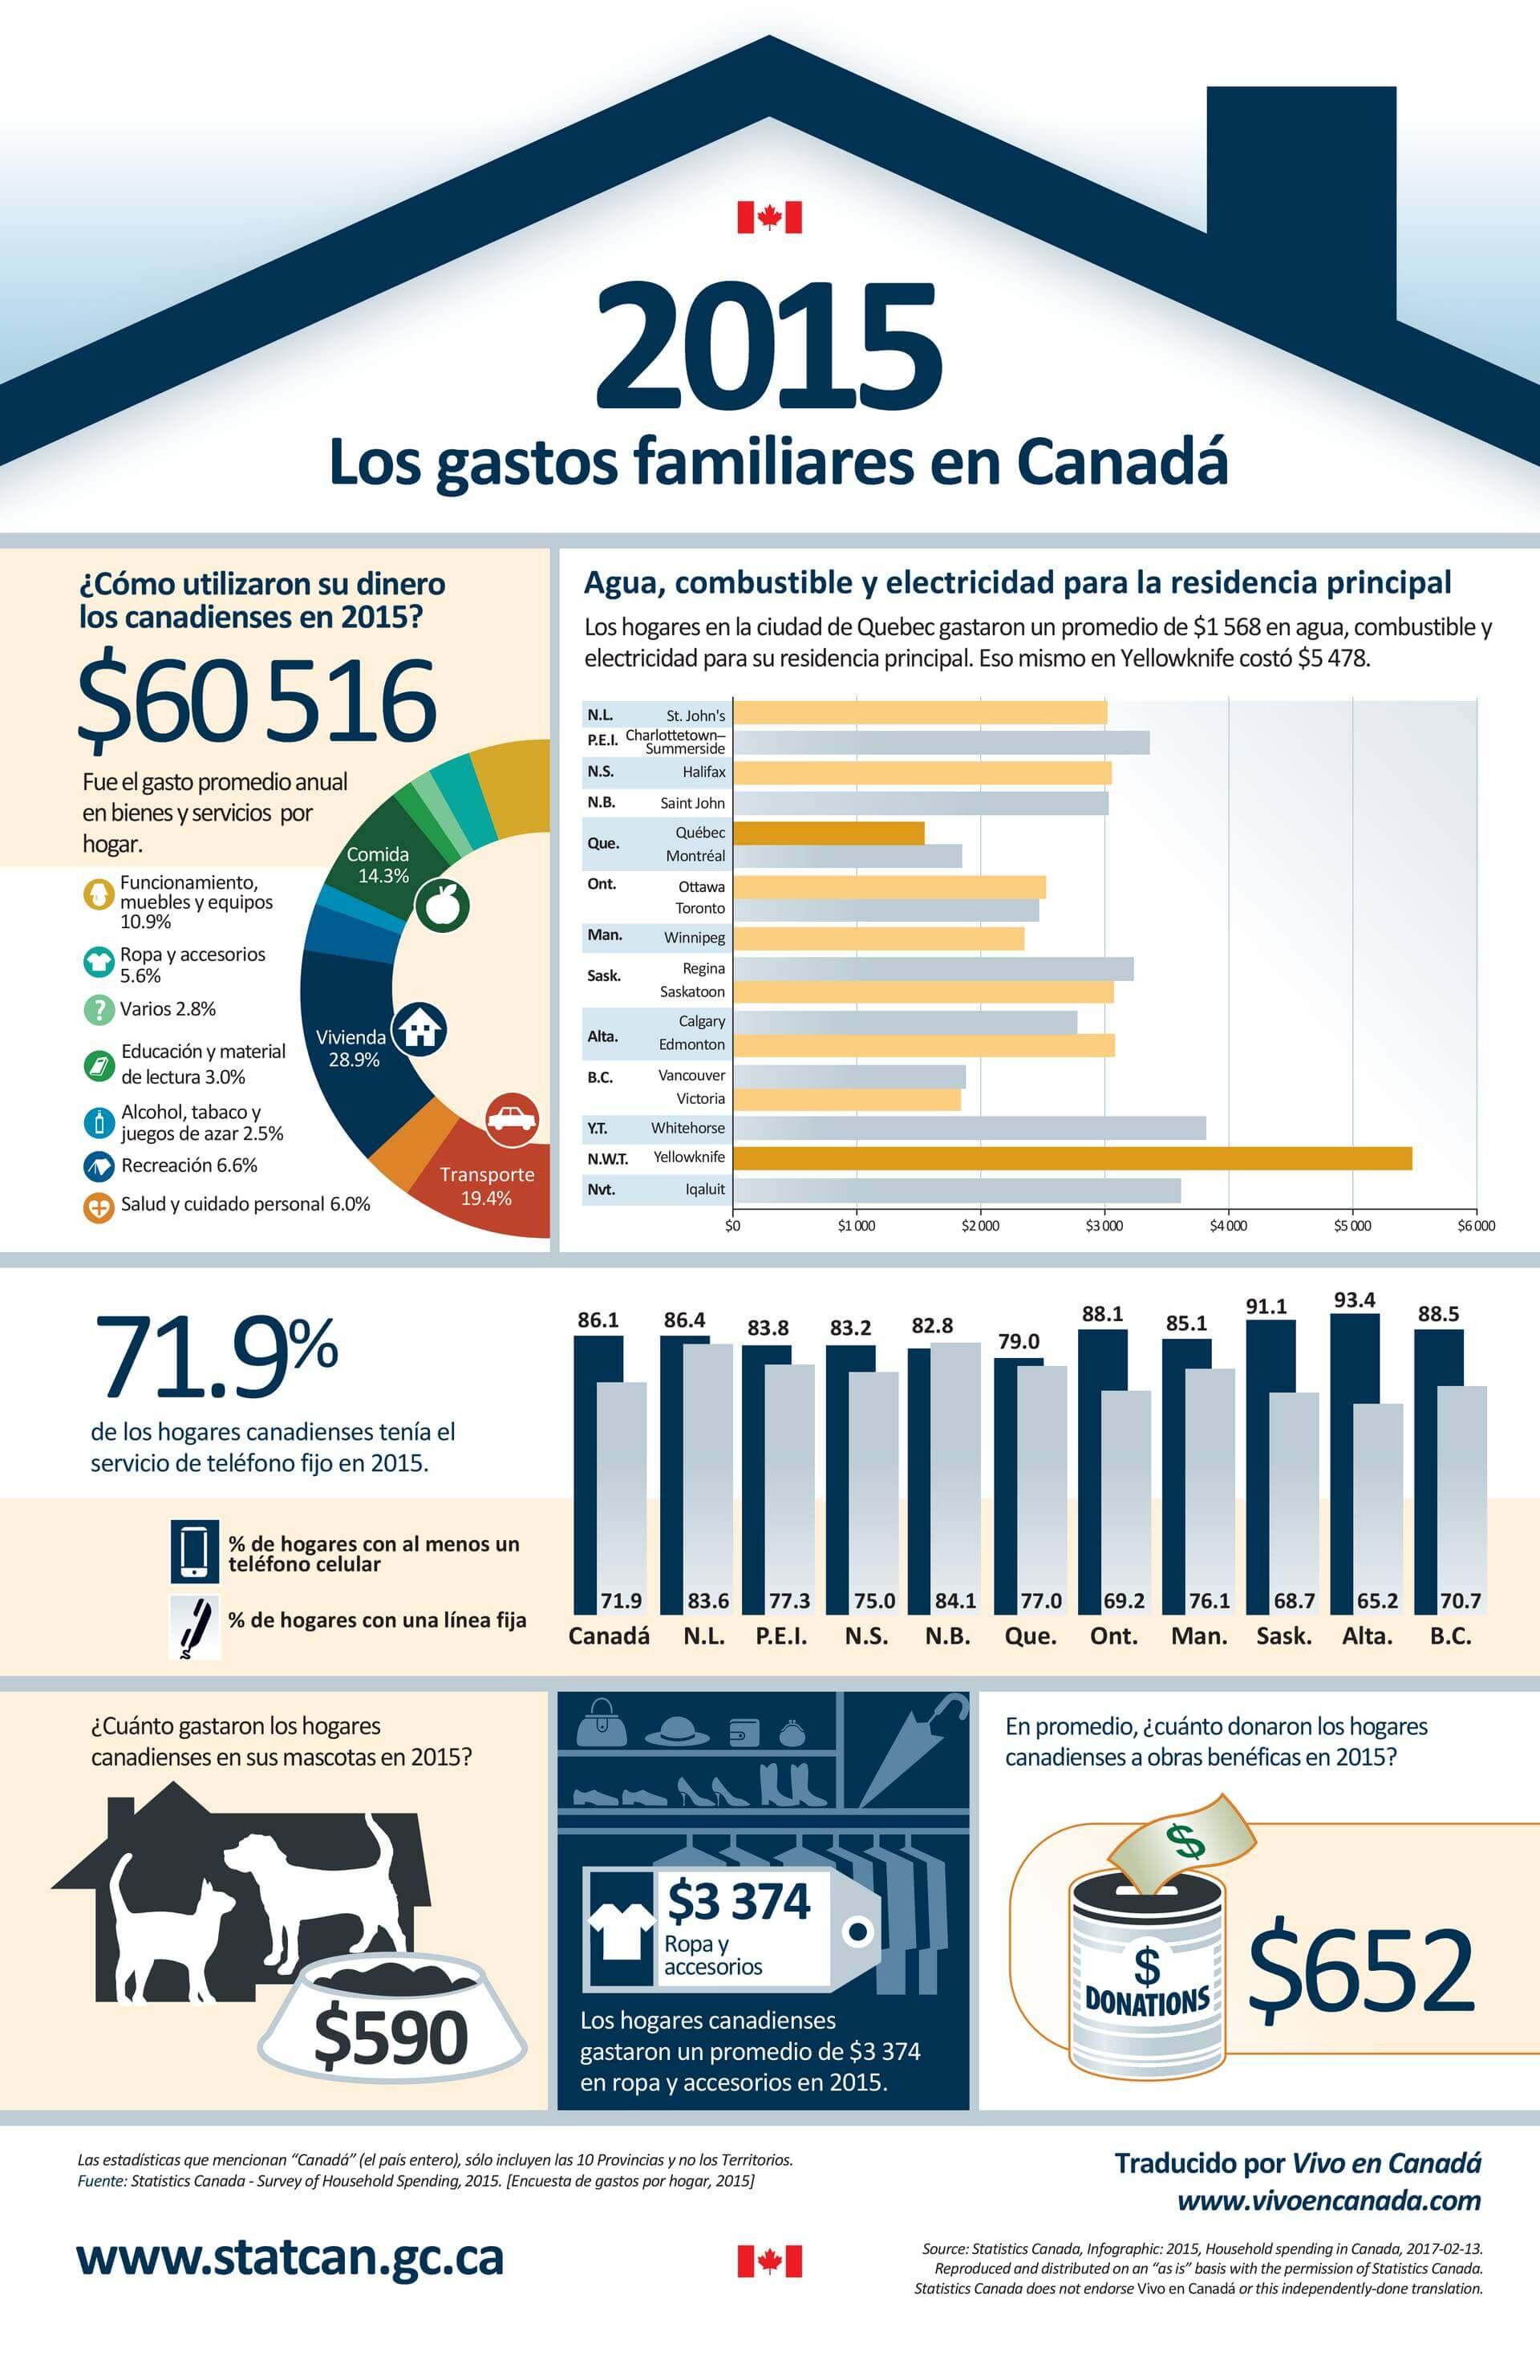 Costo de vida por hogar canadiense en 2015